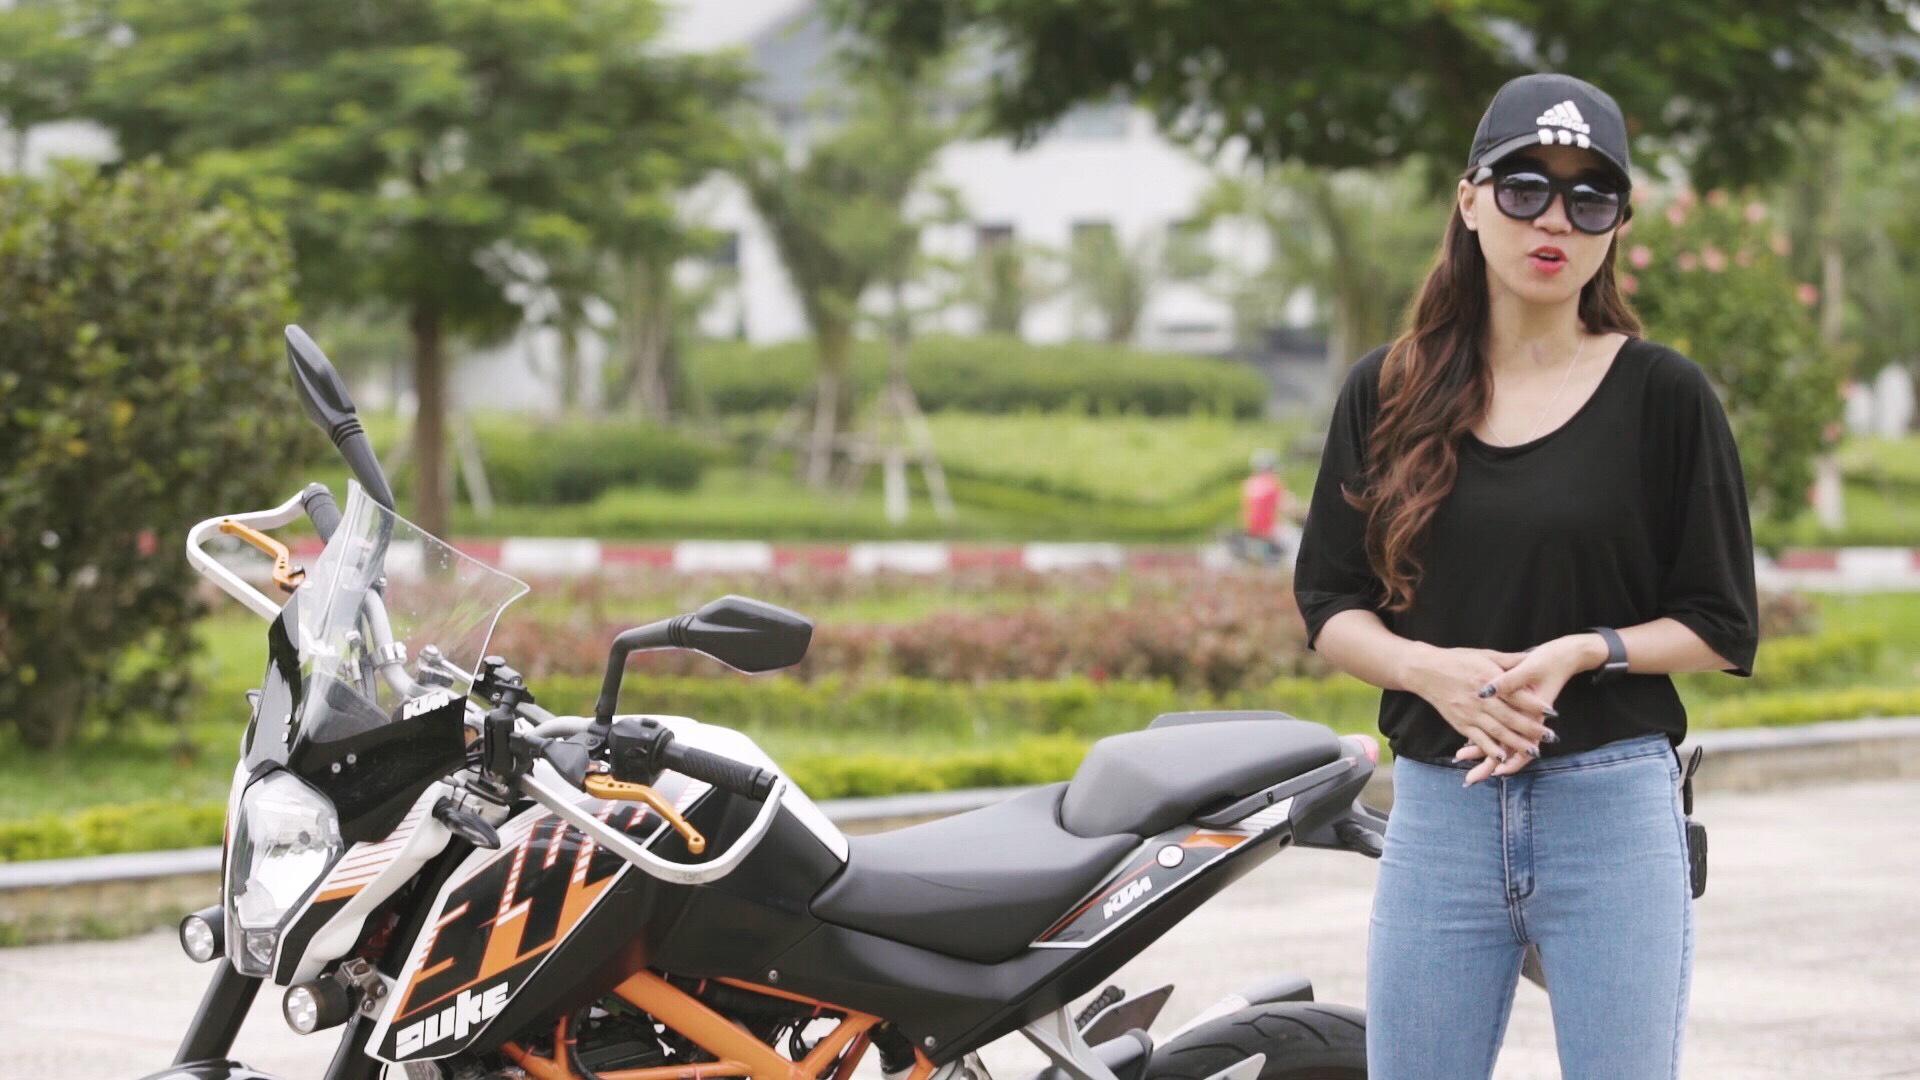 Nữ biker Diễm Trần xinh đẹp hớp hồn cánh mày râu, lại đa tài hiếm có - Ảnh 8.